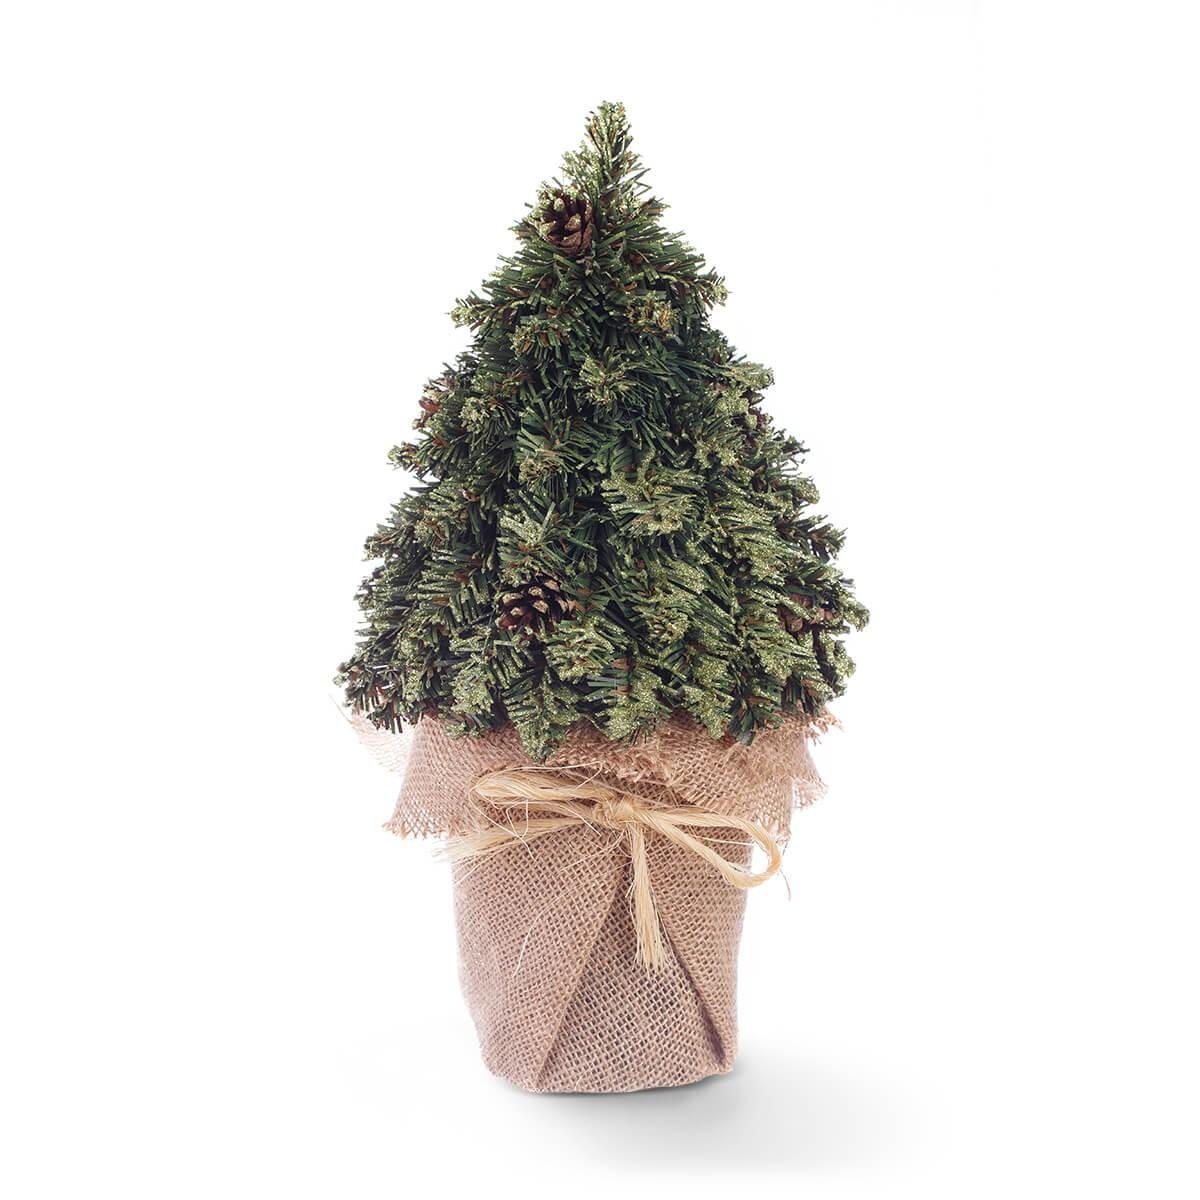 tannenbaum k nstlicher weihnachtsbaum kunstbaum christbaum kunststoff mini ebay. Black Bedroom Furniture Sets. Home Design Ideas